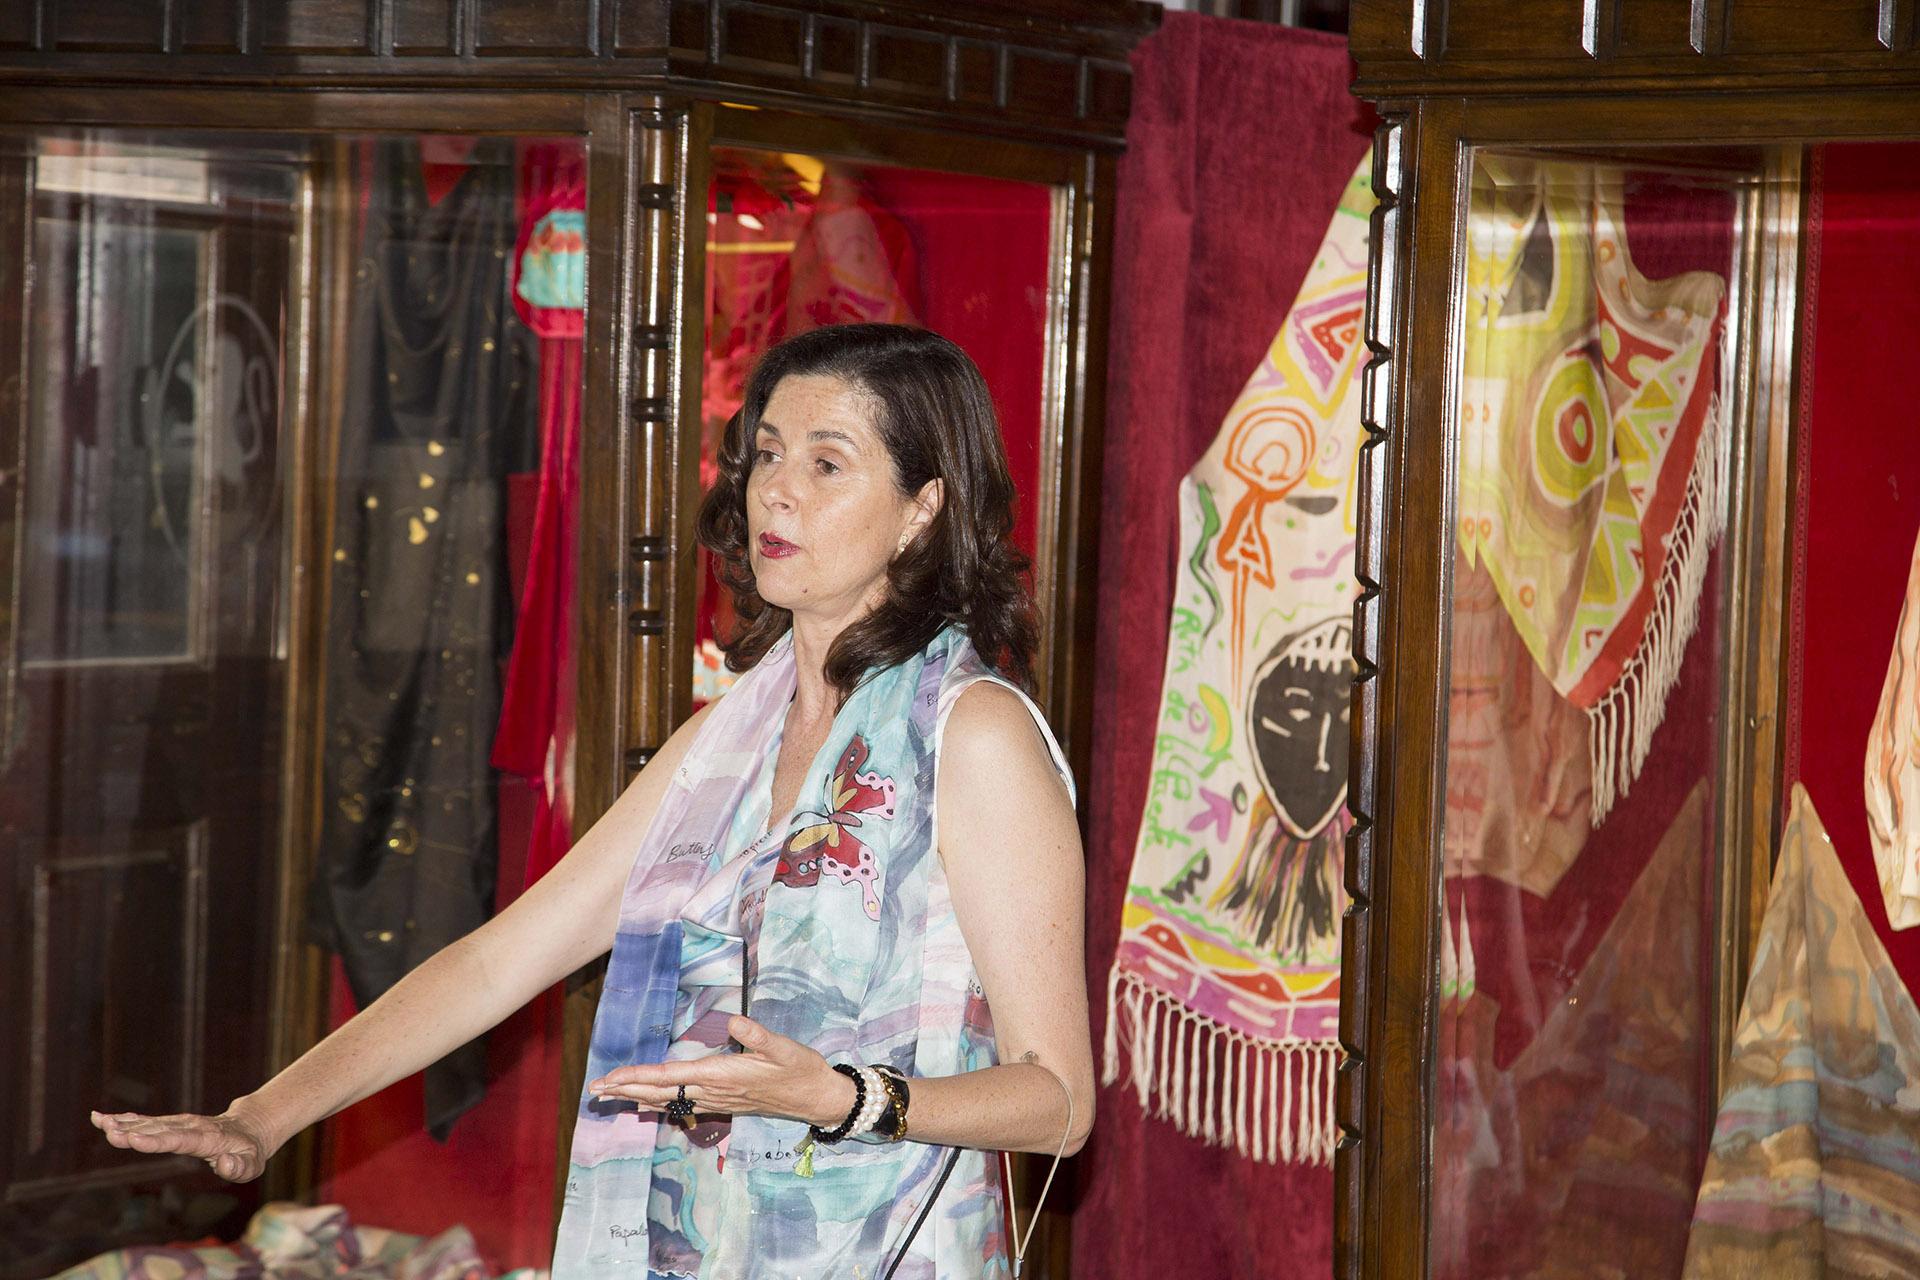 Ruth de la Puerta explicando la exposición. Fotografía: Baúl de fotos.